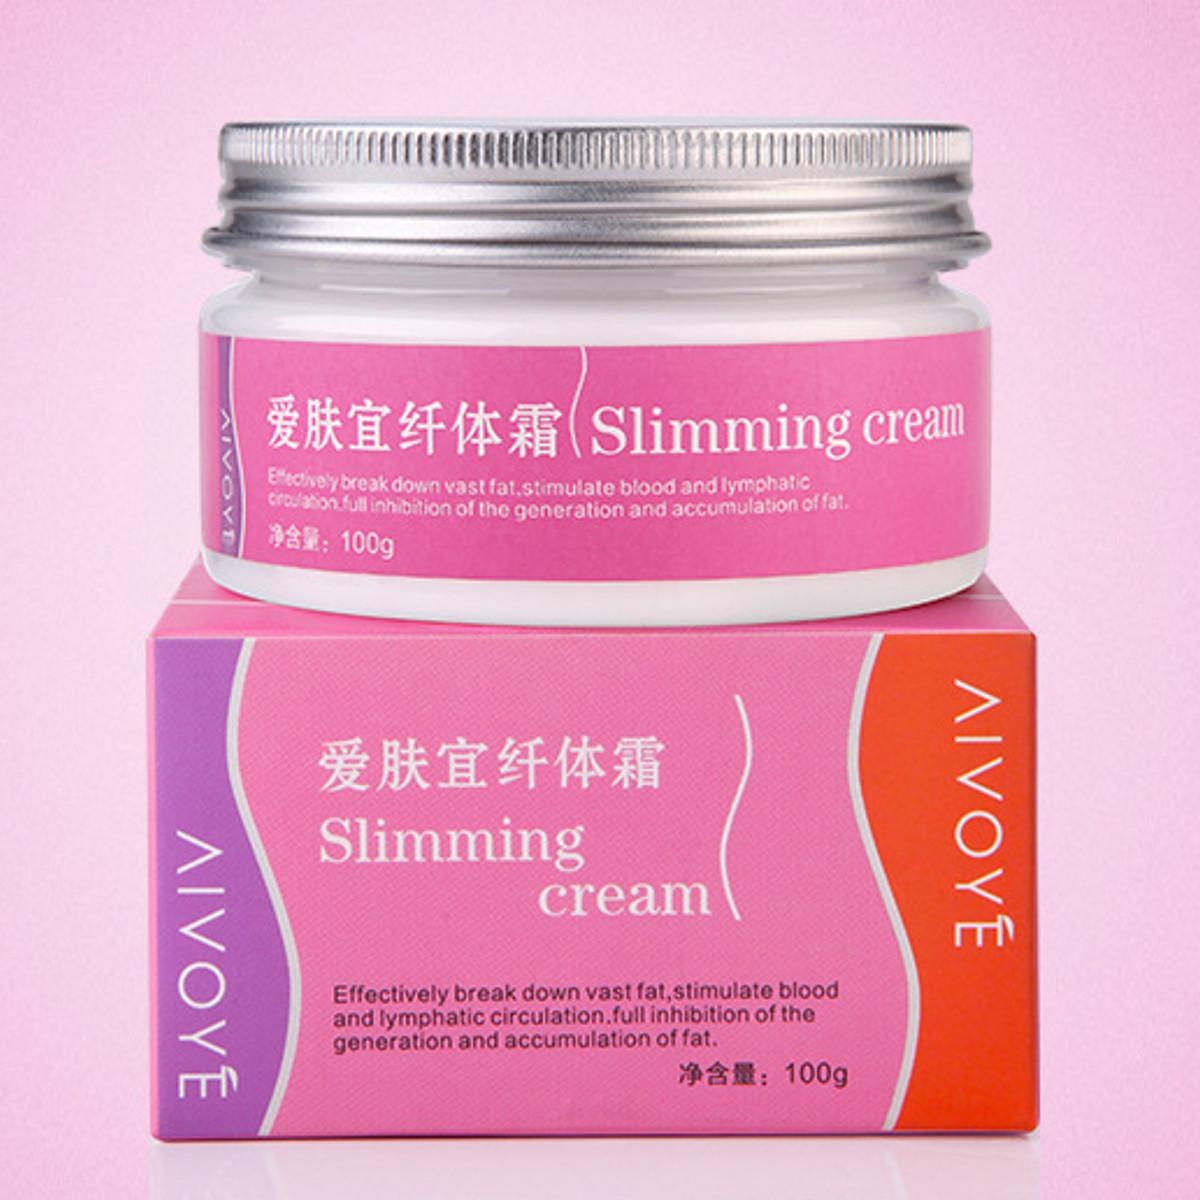 Aifuyi Slimming Body Cream Slimming Body Slimming Cream